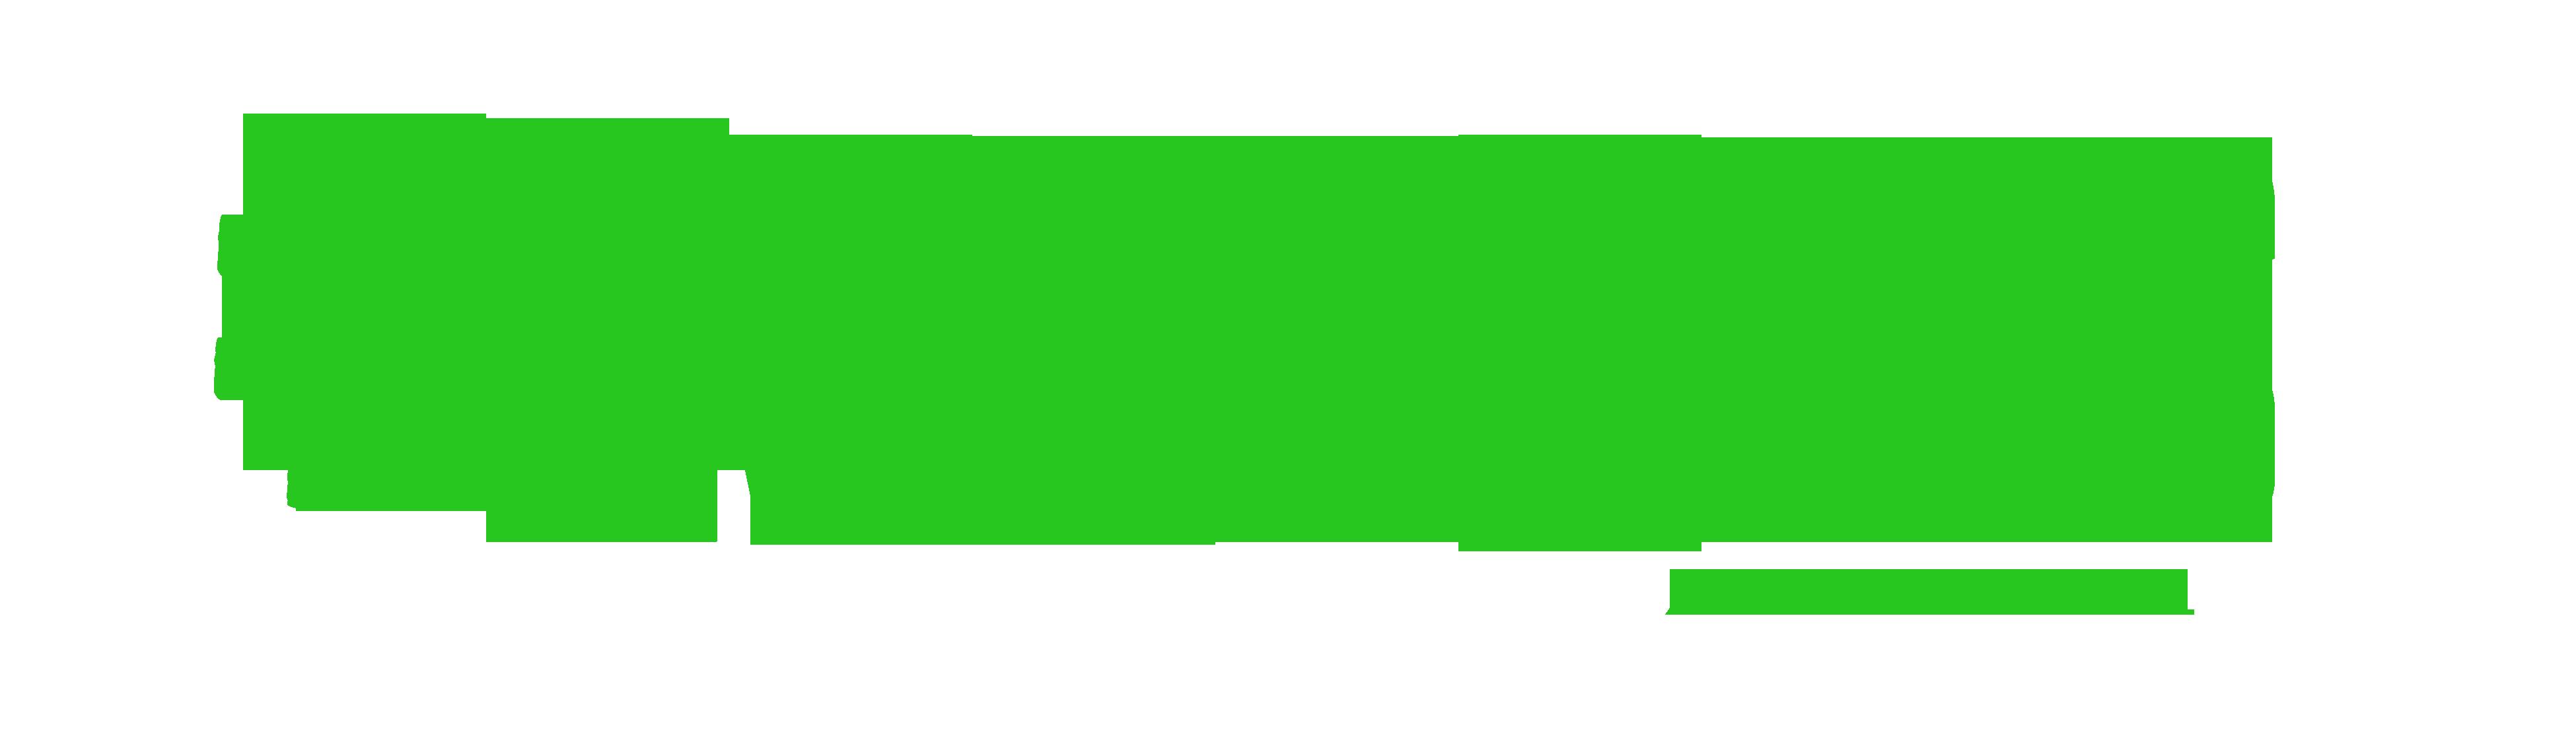 #noxcuses